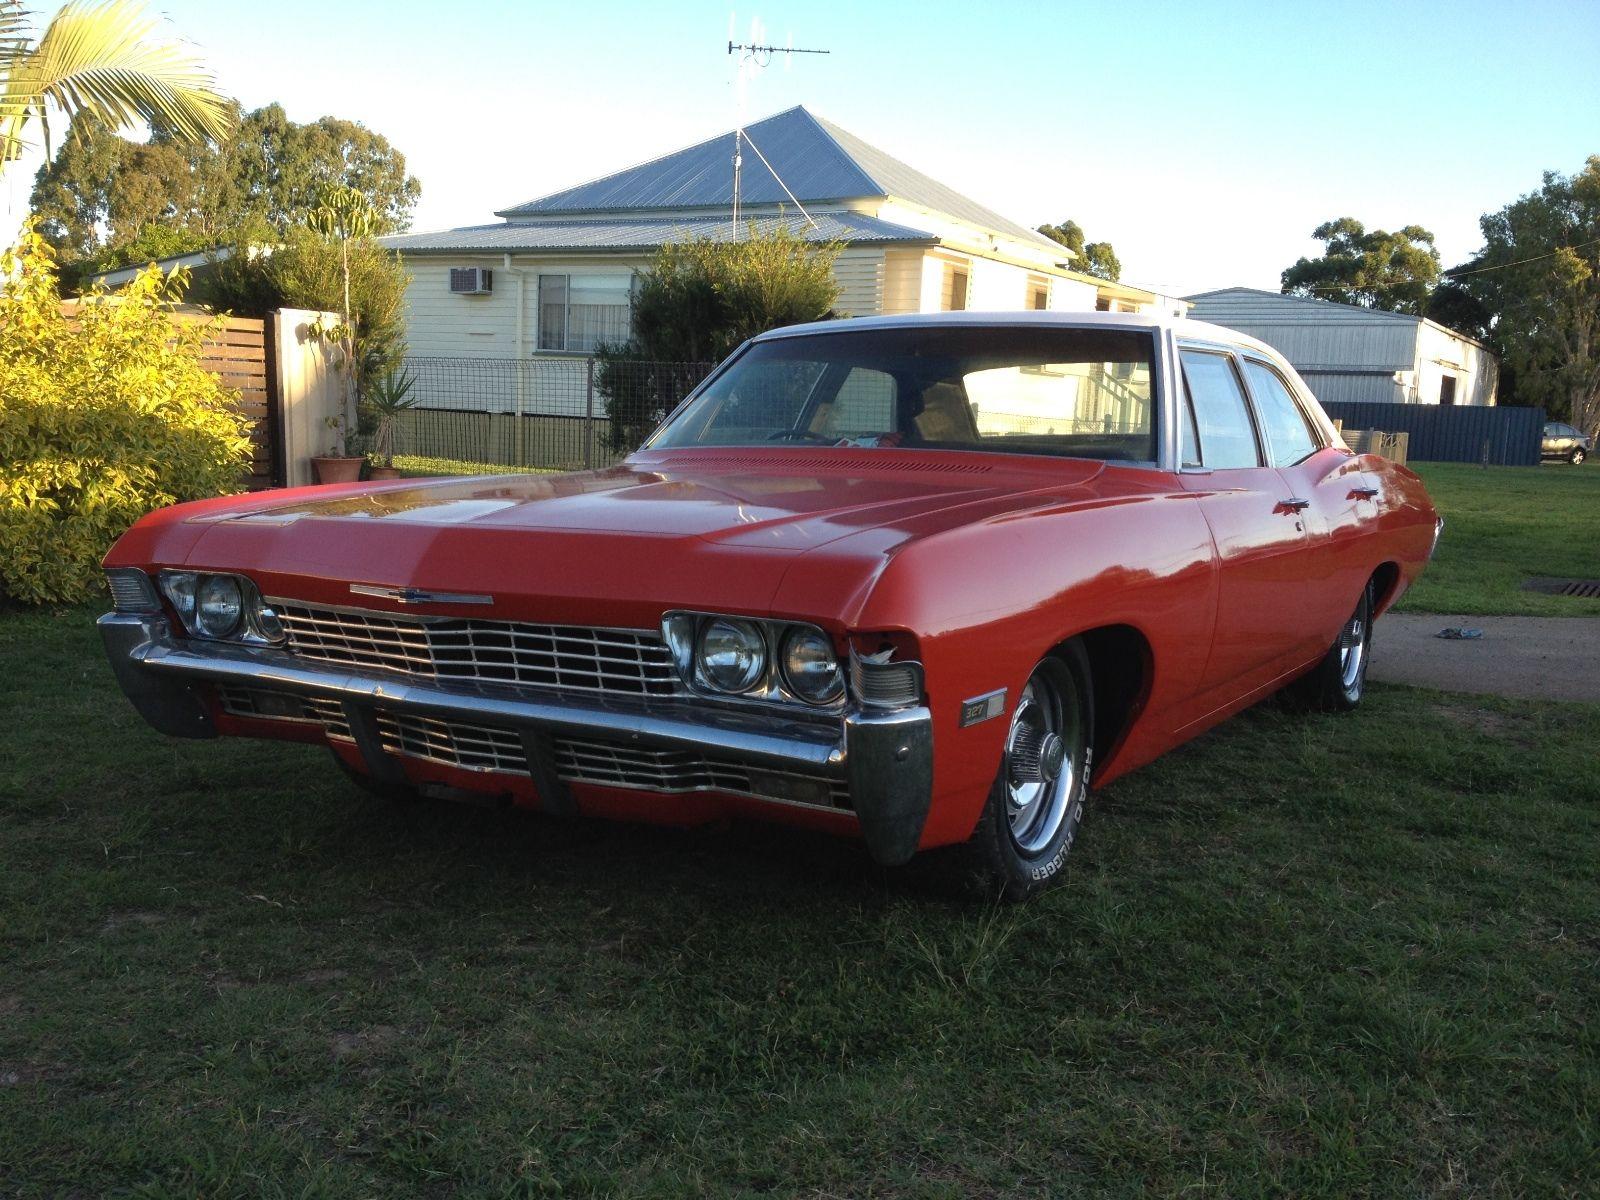 1968 Chevrolet Impala 2